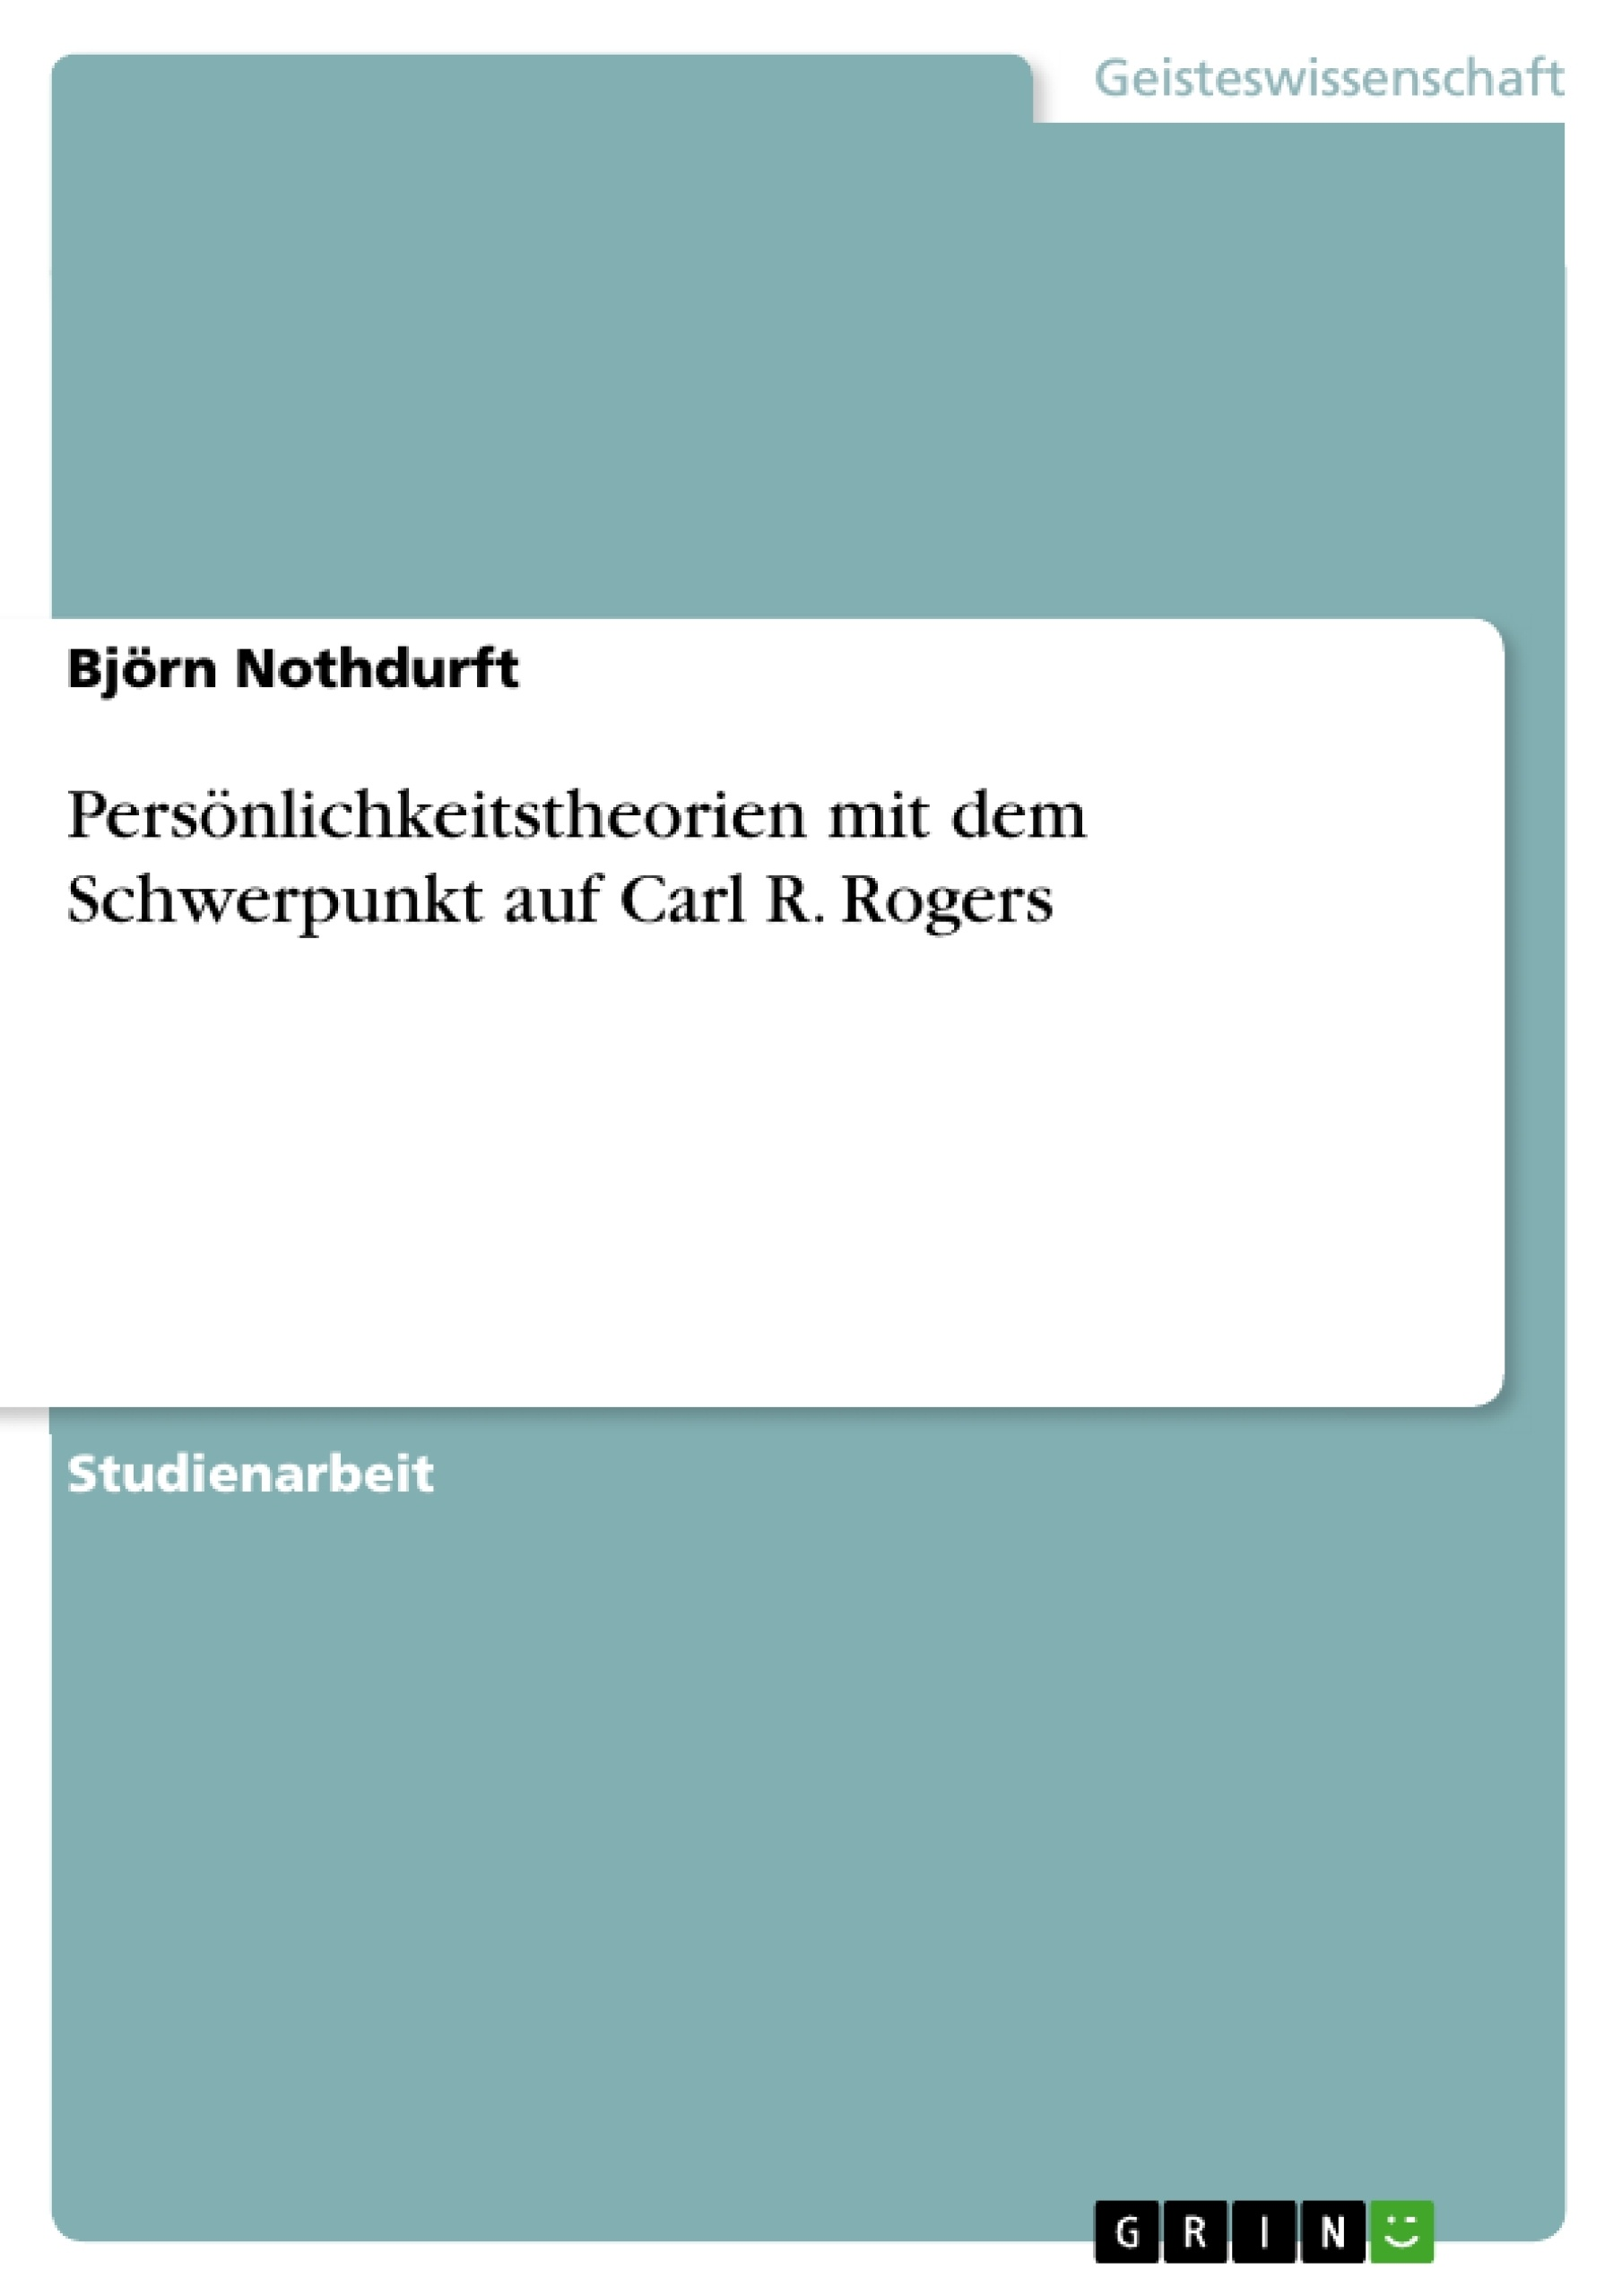 Titel: Persönlichkeitstheorien mit dem Schwerpunkt auf Carl R. Rogers